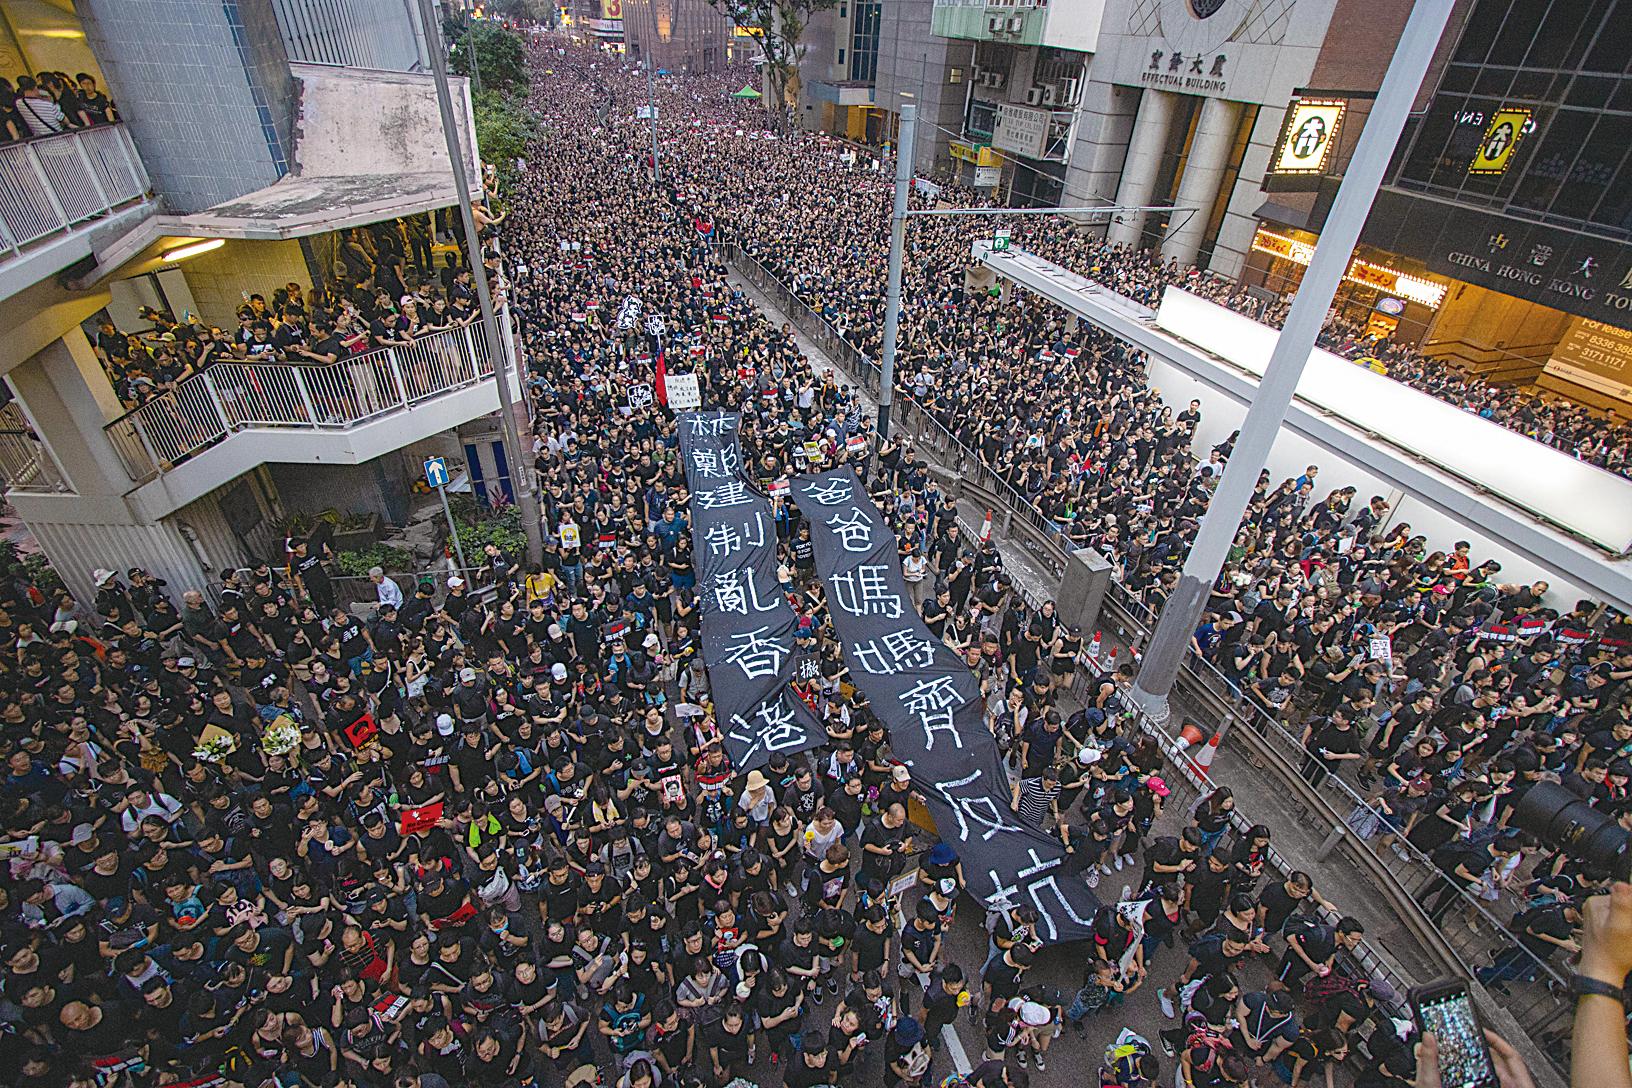 6月16日,香港200萬人參加「反送中」大遊行,他們堅持要求港府撤回修例等訴求。(蔡雯文/大紀元)